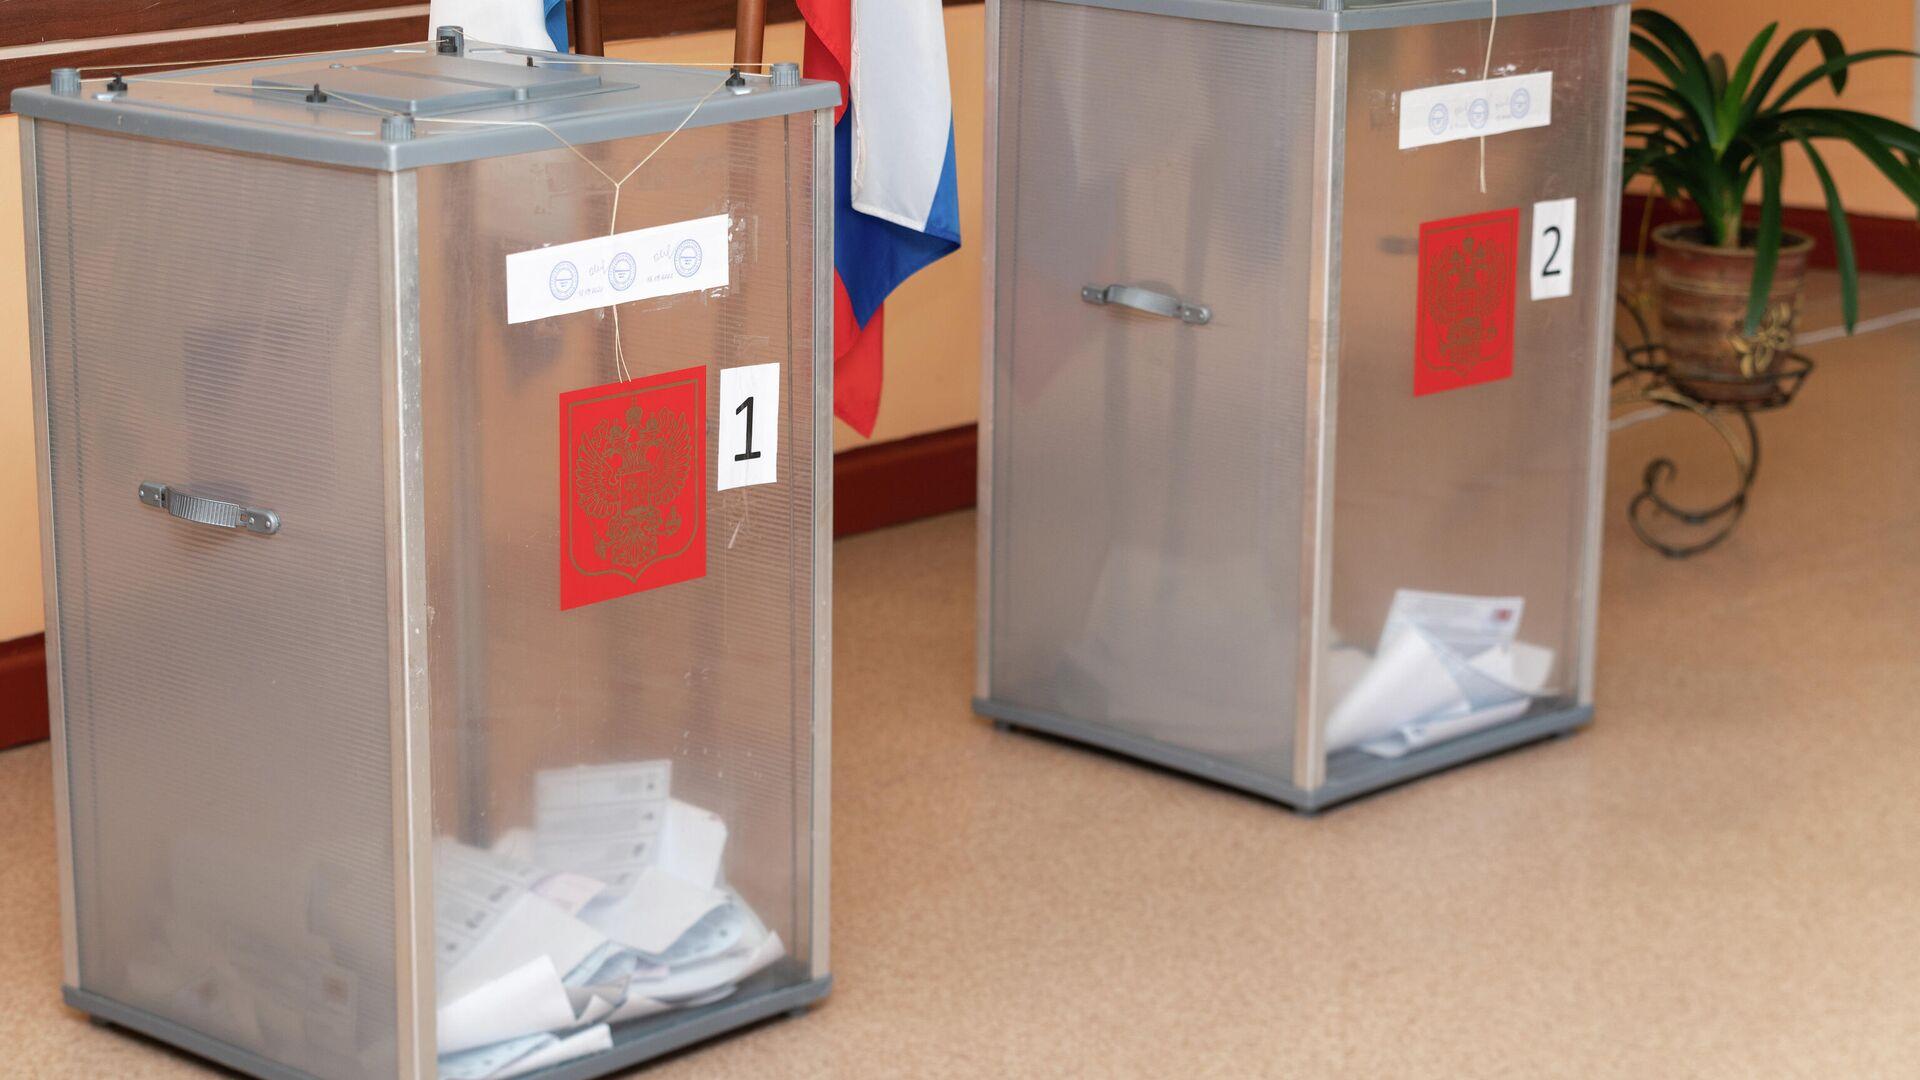 Урны для голосования на избирательном участке - Sputnik Таджикистан, 1920, 19.09.2021